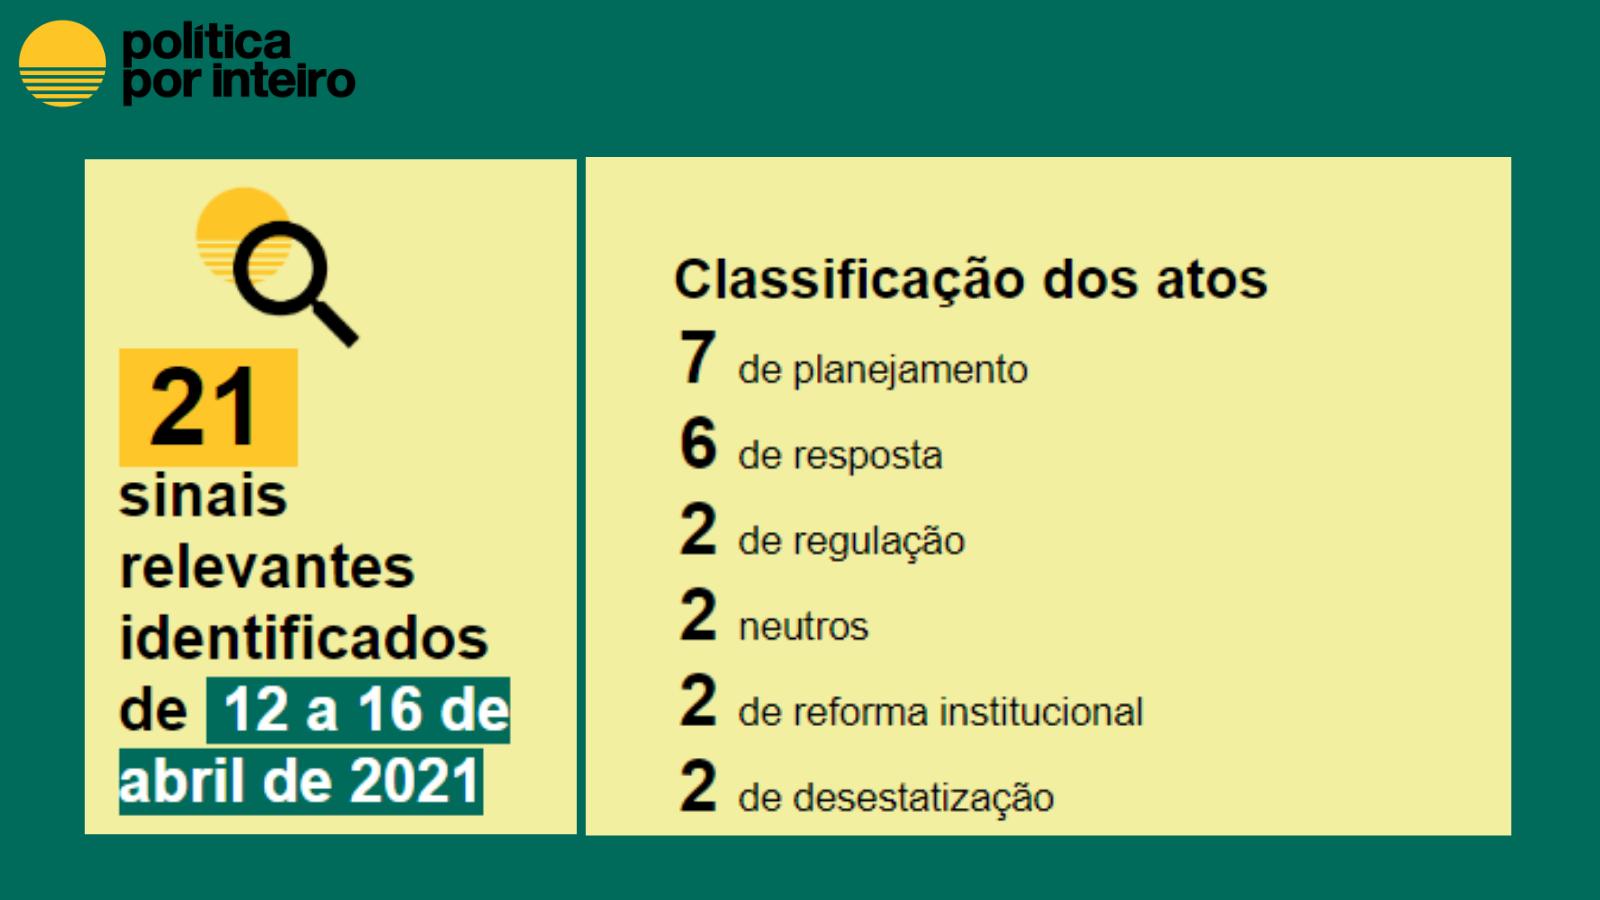 Balanço semanal em números, de 12 a 16 de abril: Classificação -Classificação Planejamento:7 Resposta: 6 Regulação: 2 Neutro: 2 Reforma Institucional: 2 Desestatização:2